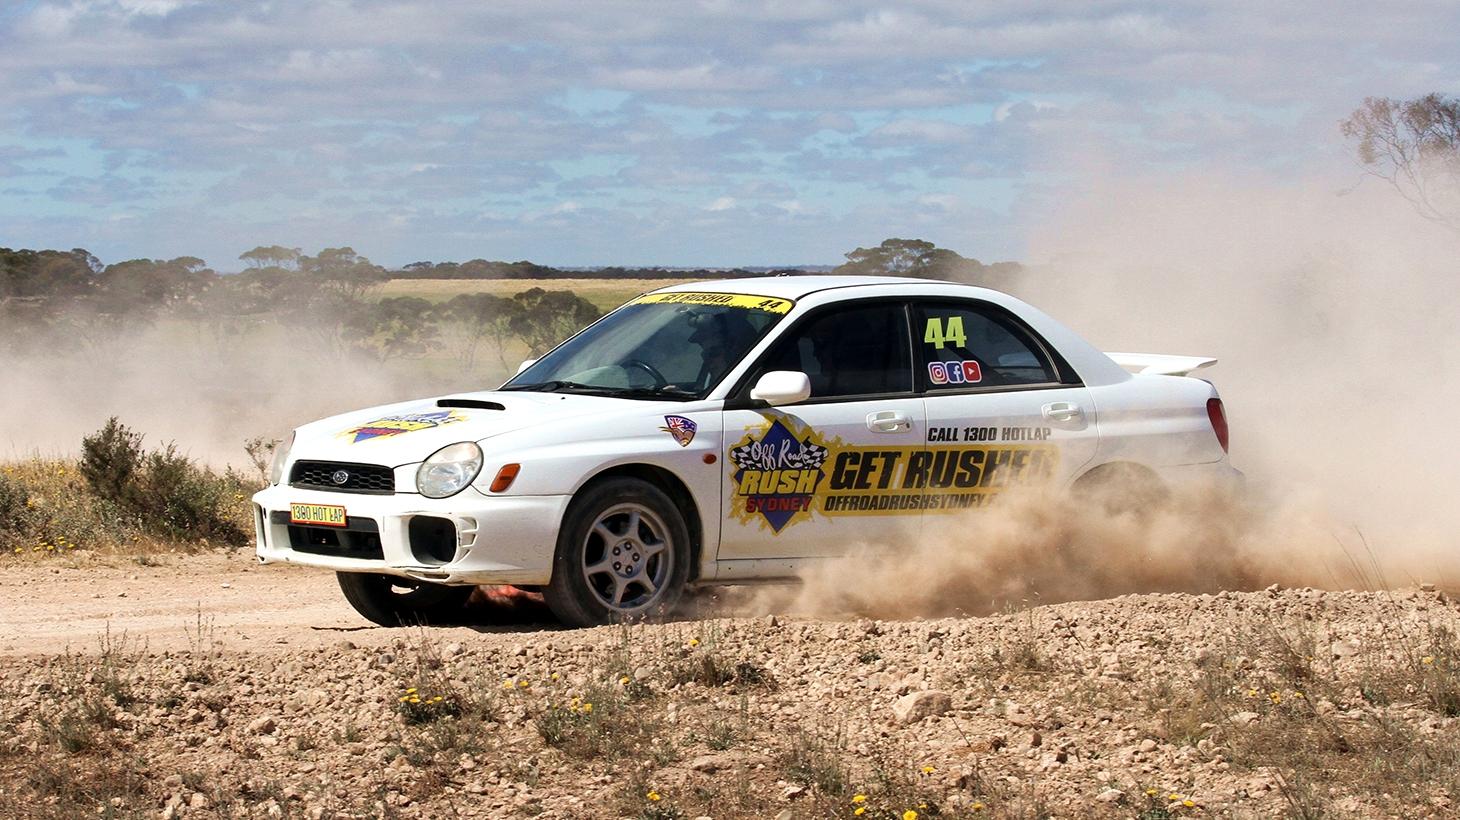 White Turbo WRX rally car whipping around course